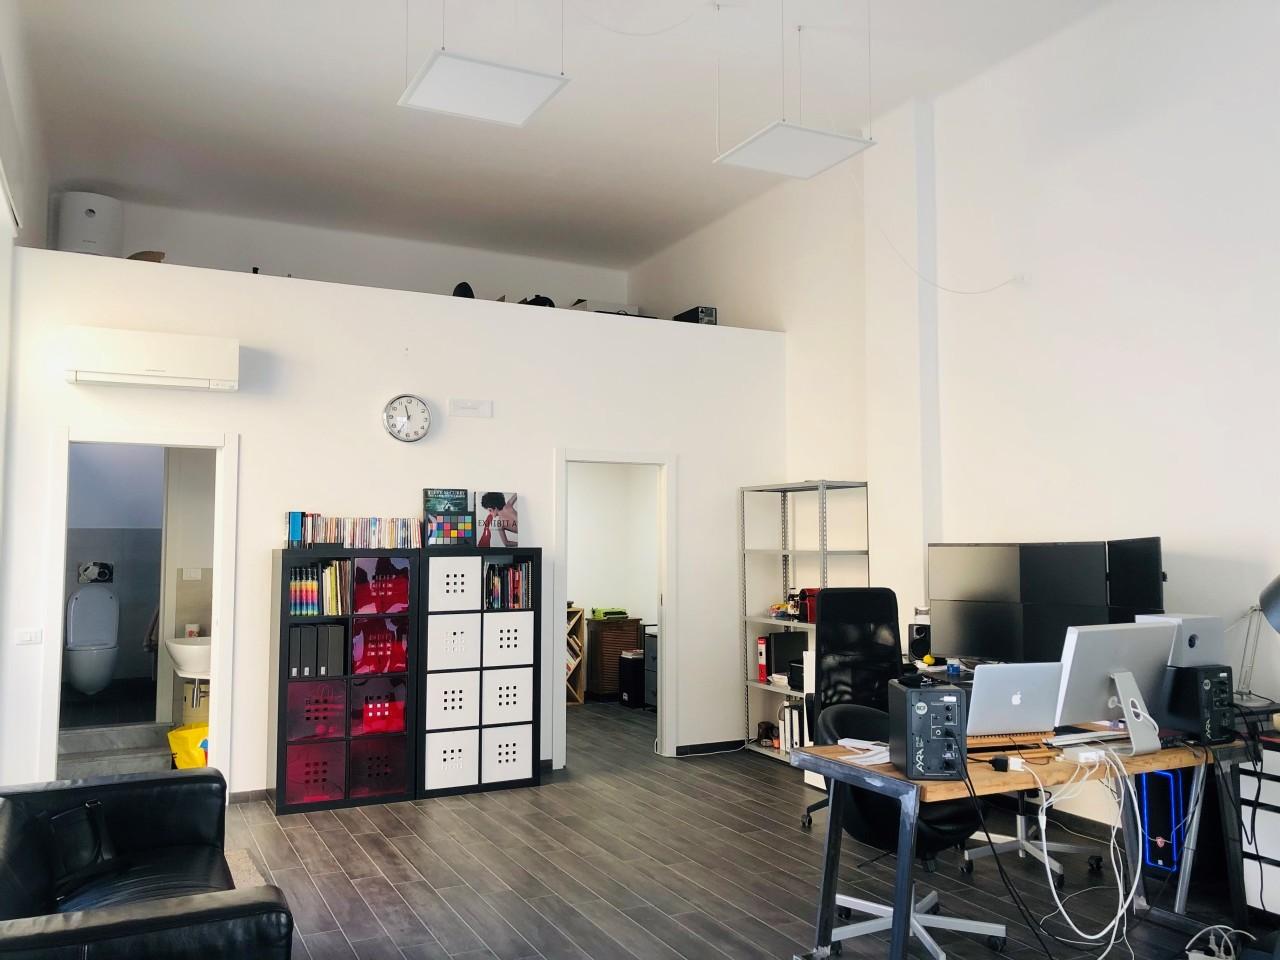 Ufficio / Studio in vendita a Carrara, 2 locali, prezzo € 65.000 | PortaleAgenzieImmobiliari.it